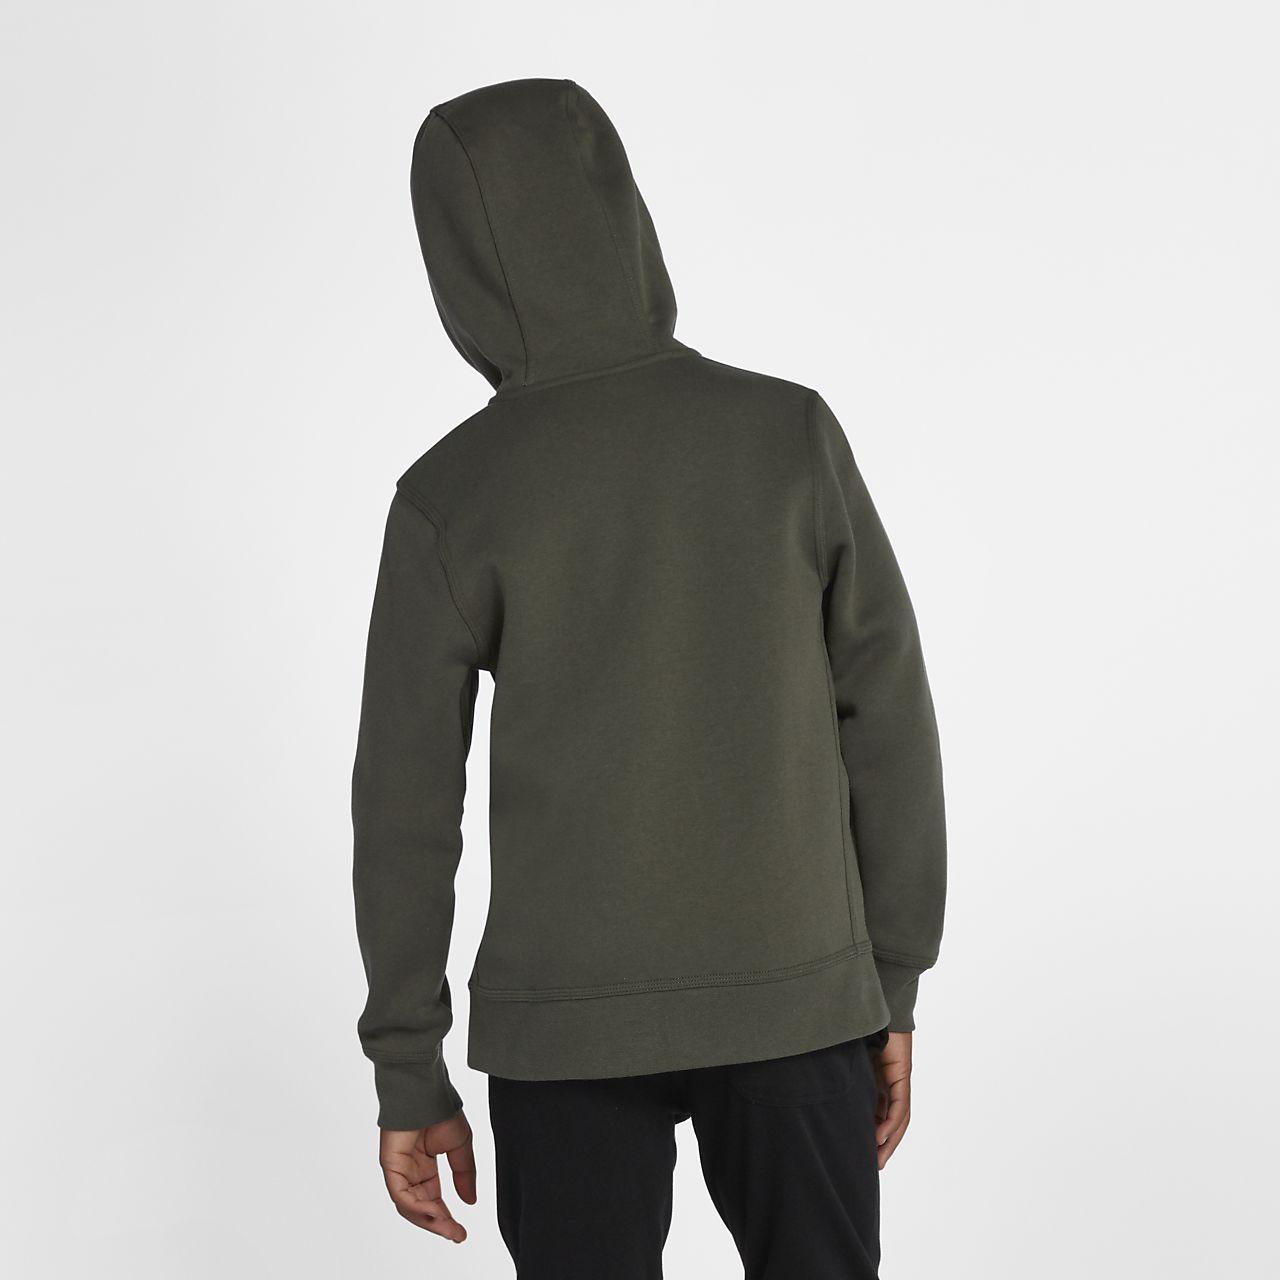 Nike Sportswear Kinder Hoodie mit durchgehendem Reißverschluss